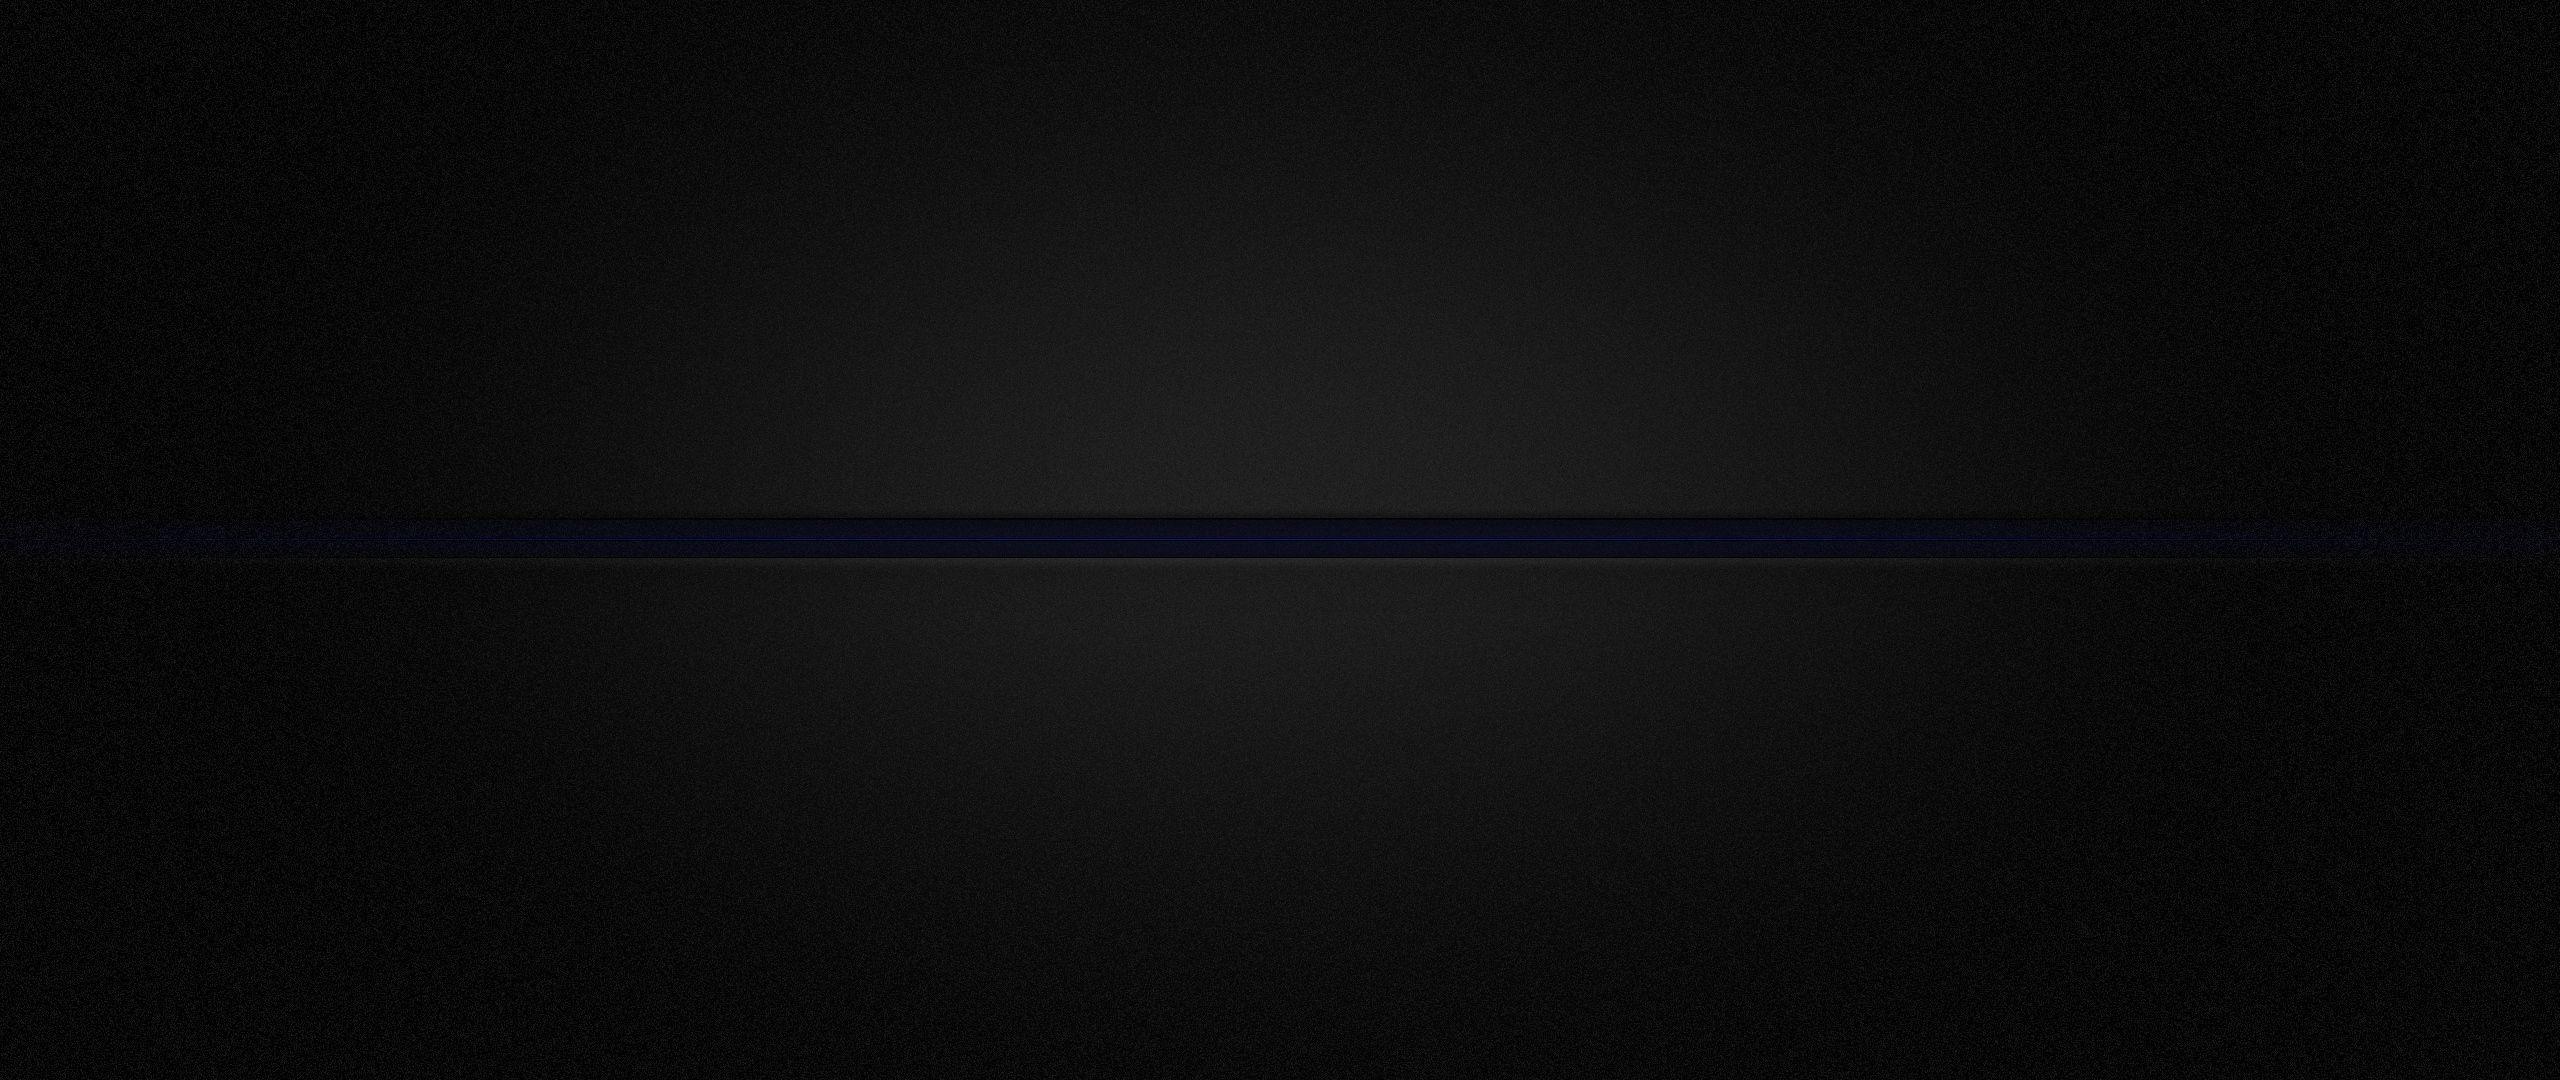 2560x1080 Tải xuống hình nền 2560x1080 chủ nghĩa tối giản, sáng tạo, đường nét kép rộng